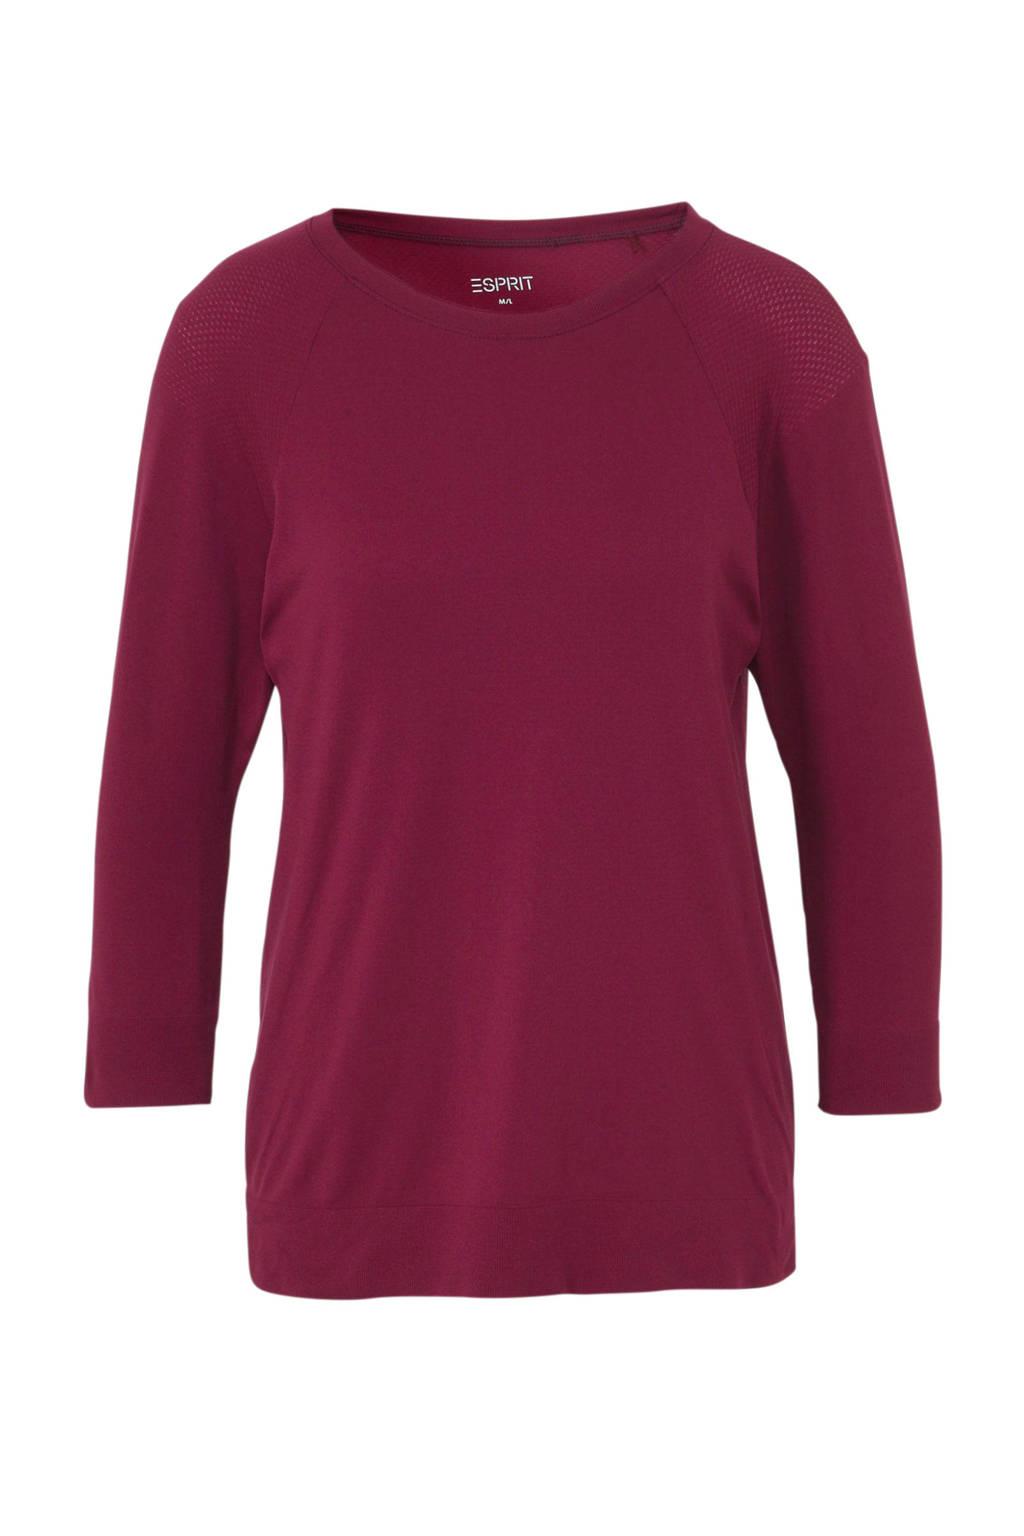 ESPRIT Women Sports T-shirt donkerroze, Donkerroze